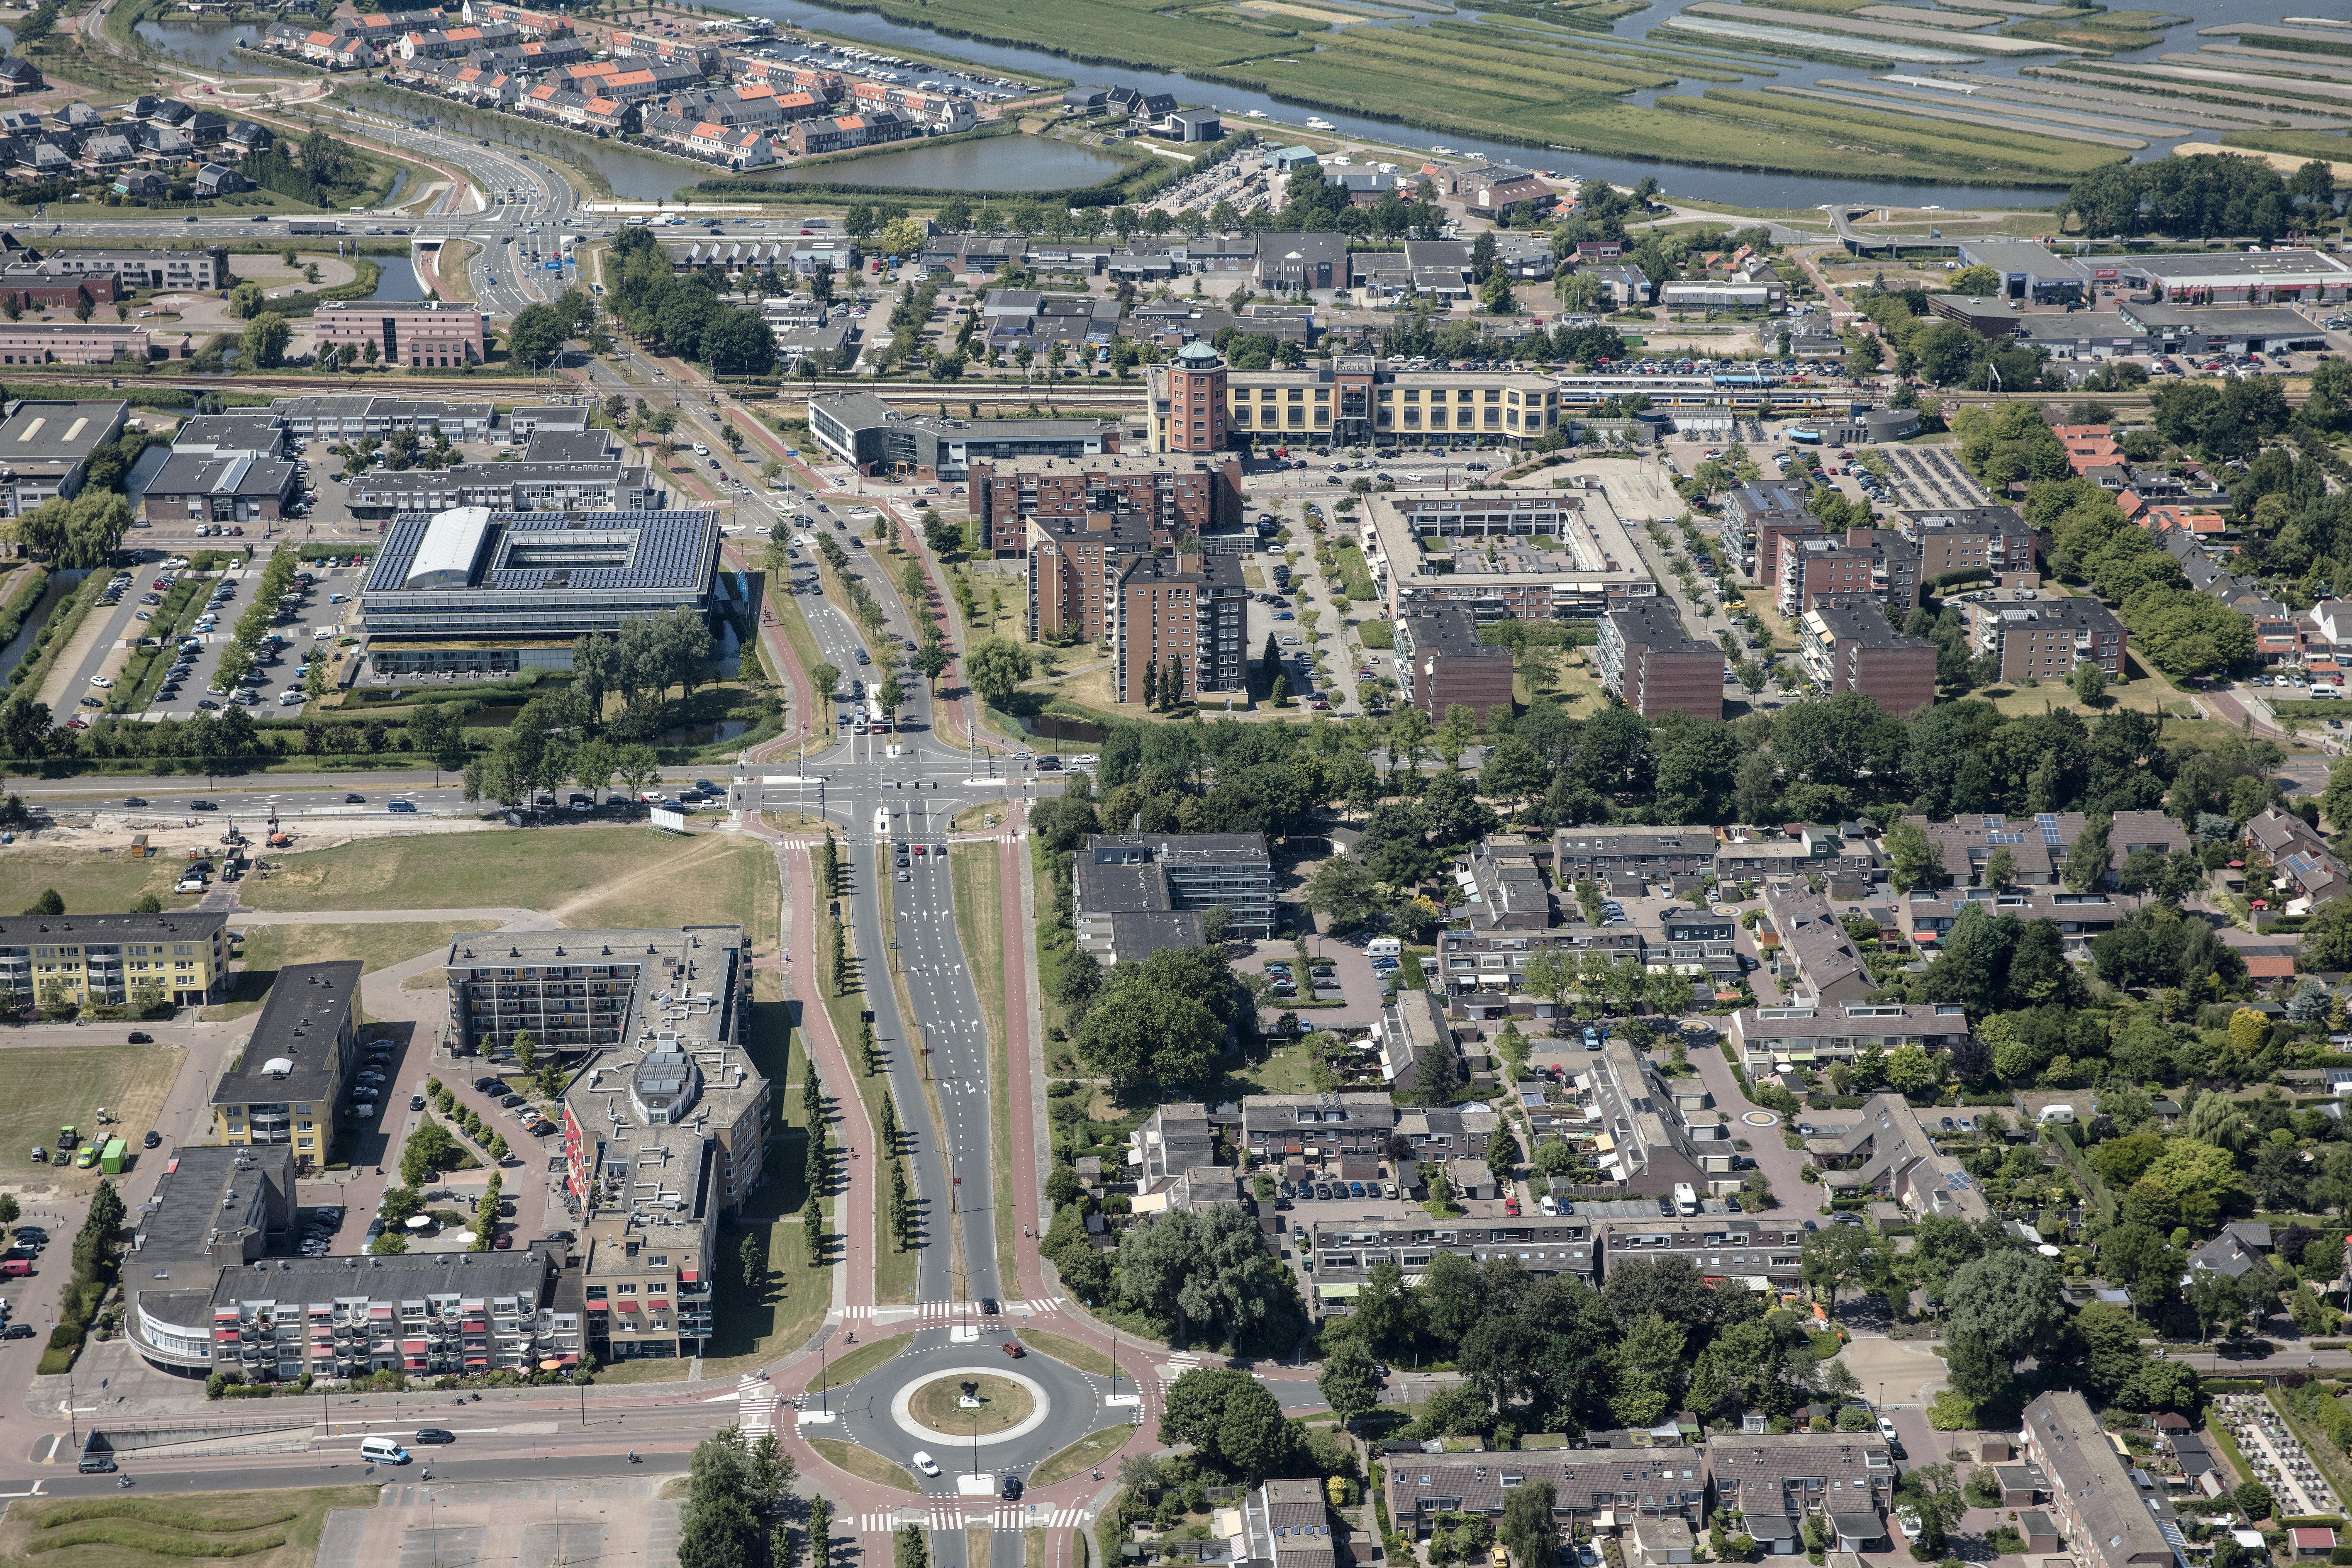 Beleggers die koopwoningen opkopen en ze vervolgens verhuren. De VVD in Heerhugowaard wil dat het college maatregelen neemt om dit te voorkomen.